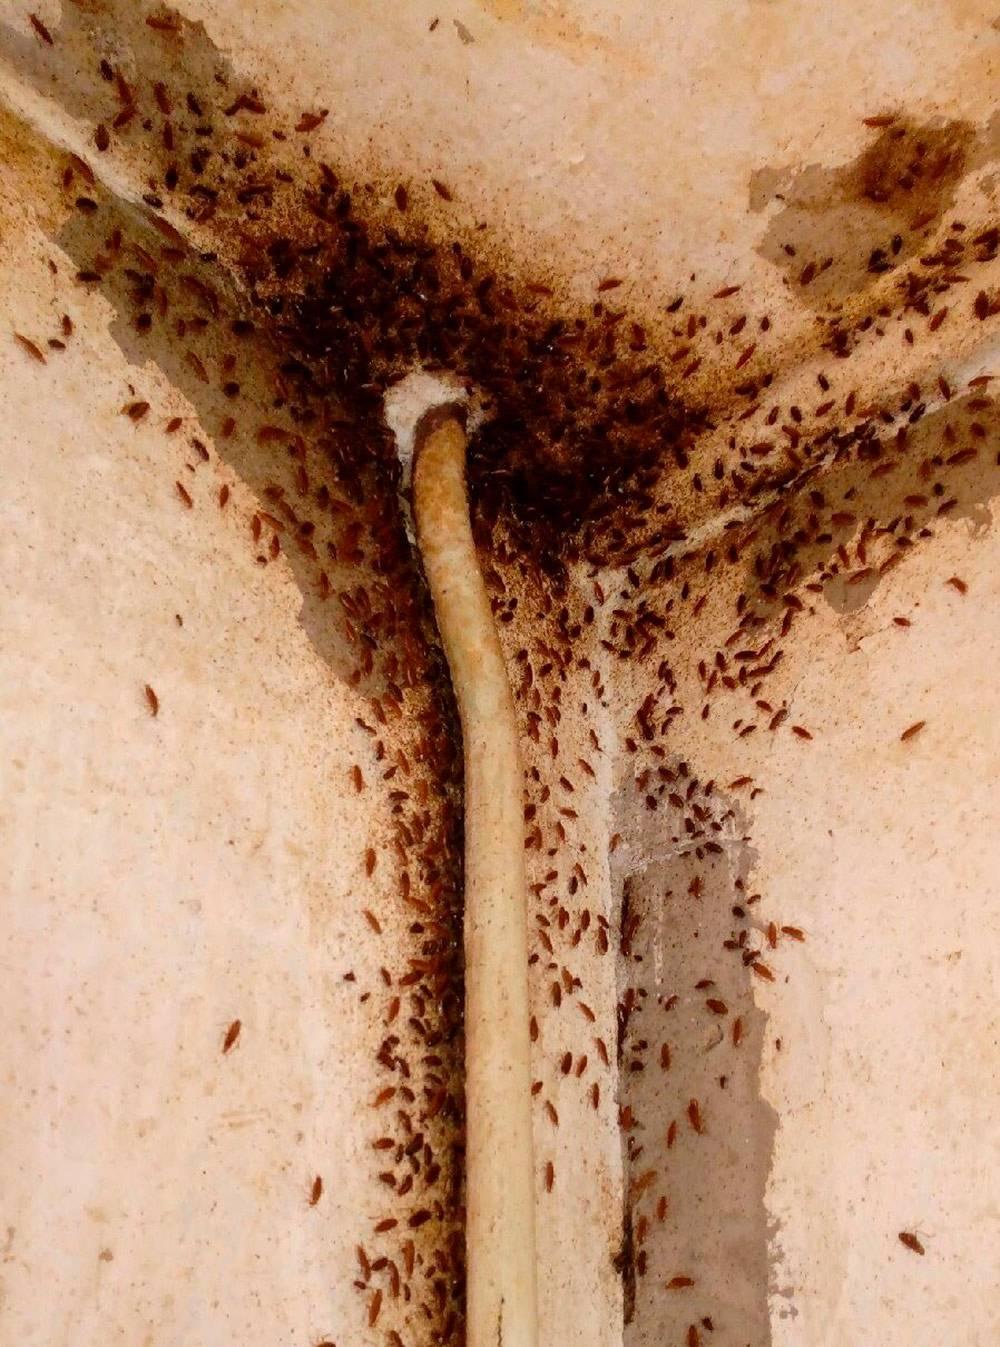 В квартире череповецкого дворника тараканы ползали по водопроводной трубе, пока дыру не заделали монтажной пеной. Этой фотографией со мной поделился дезинсектор